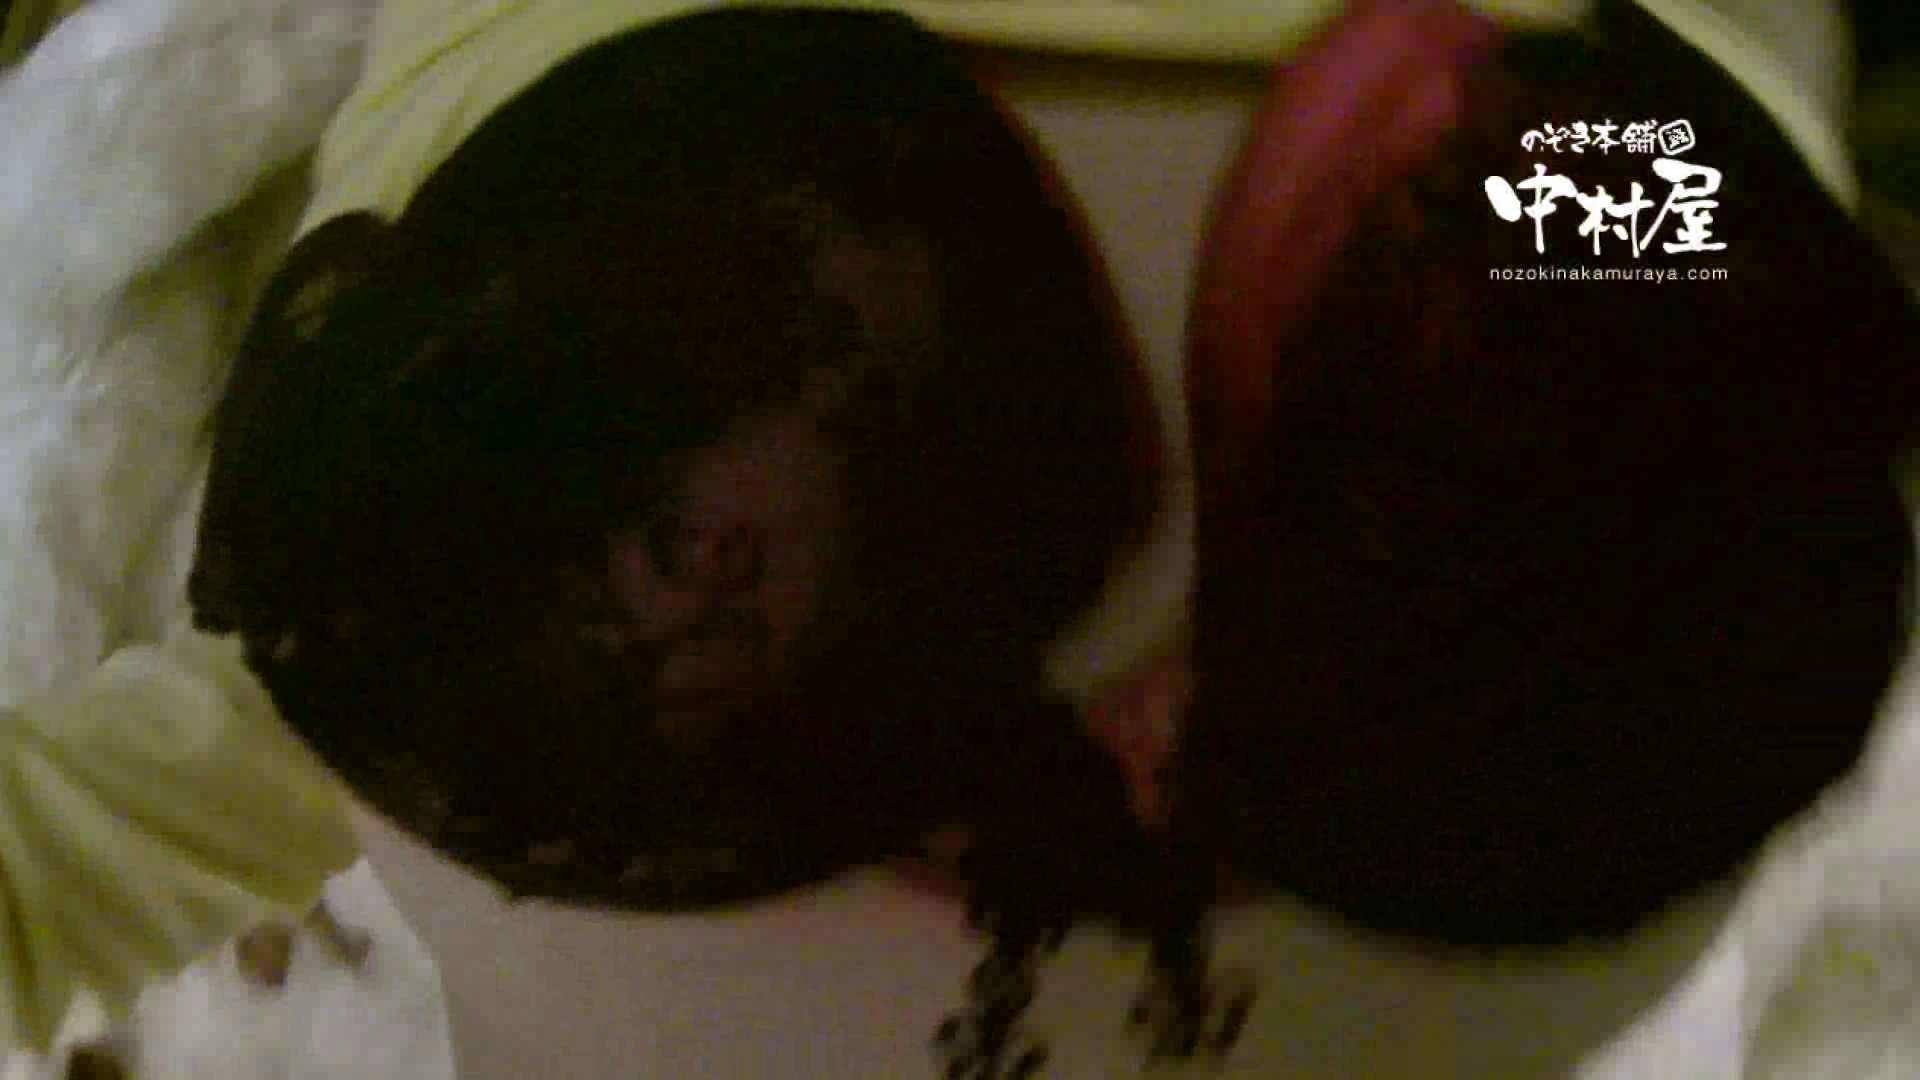 鬼畜 vol.17 中に出さないでください(アニメ声で懇願) 後編 鬼畜  76Pix 3